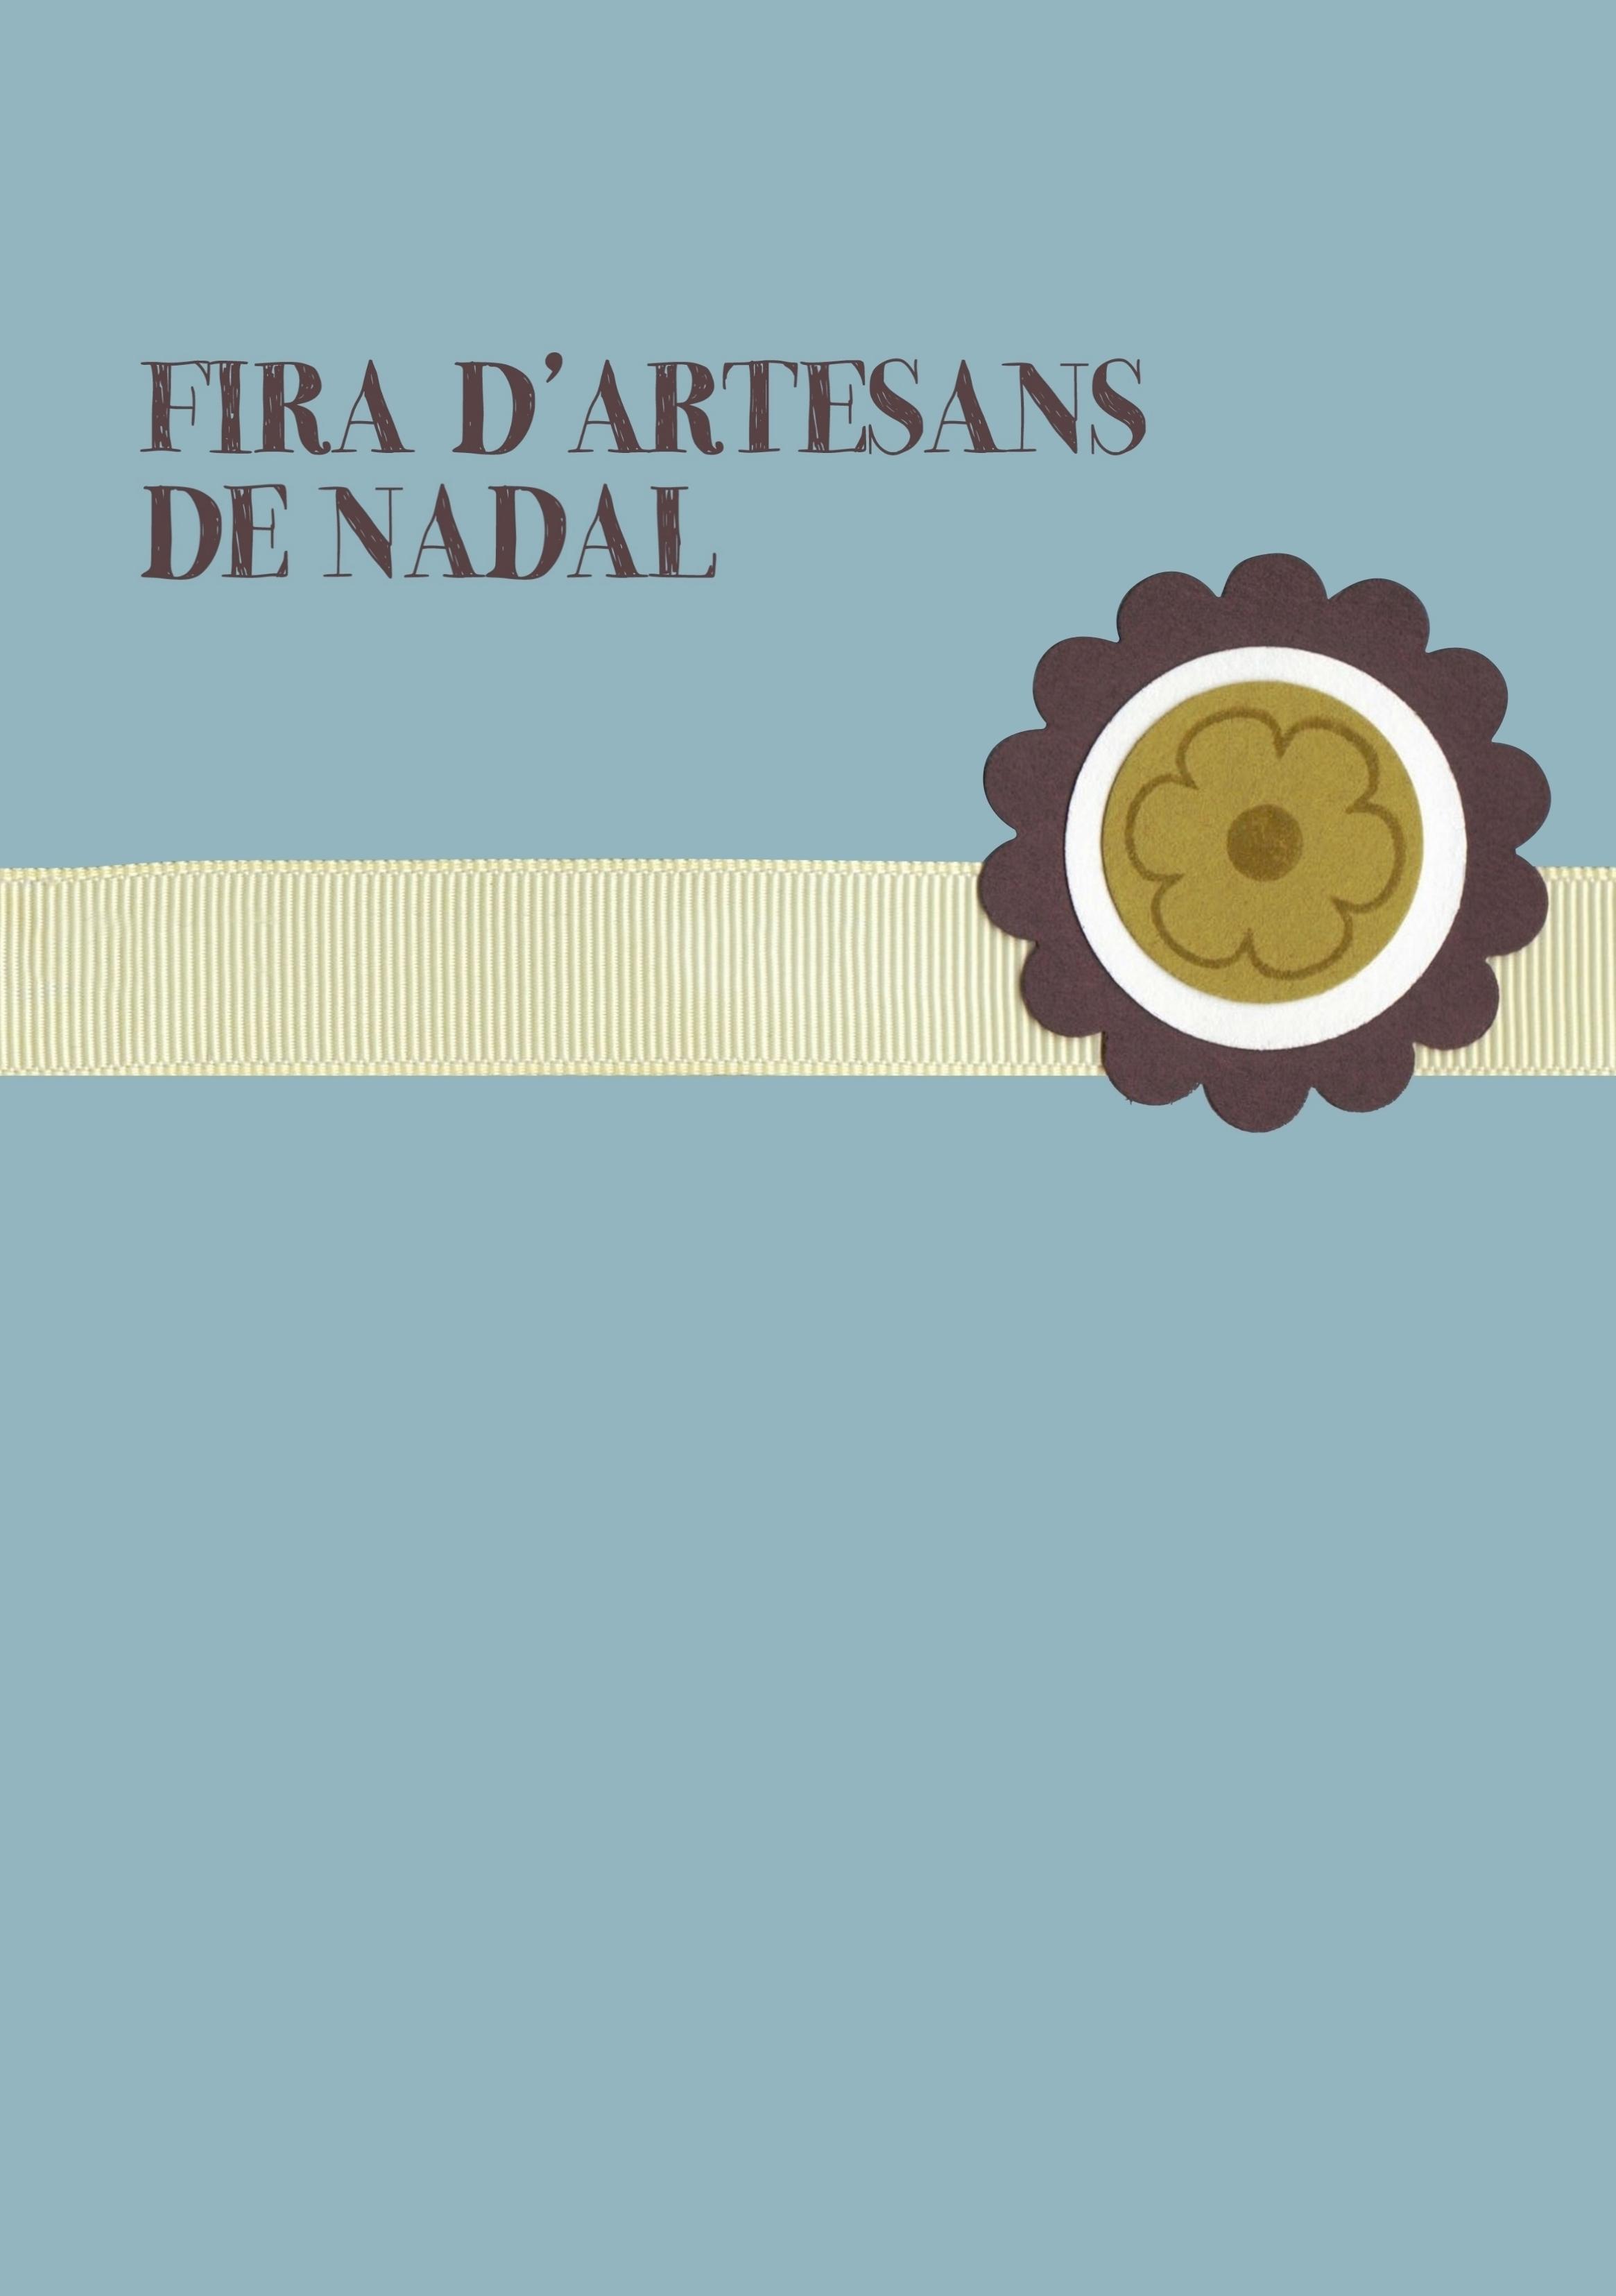 FIRA D'ARTESANS DE NADAL 2020-2021